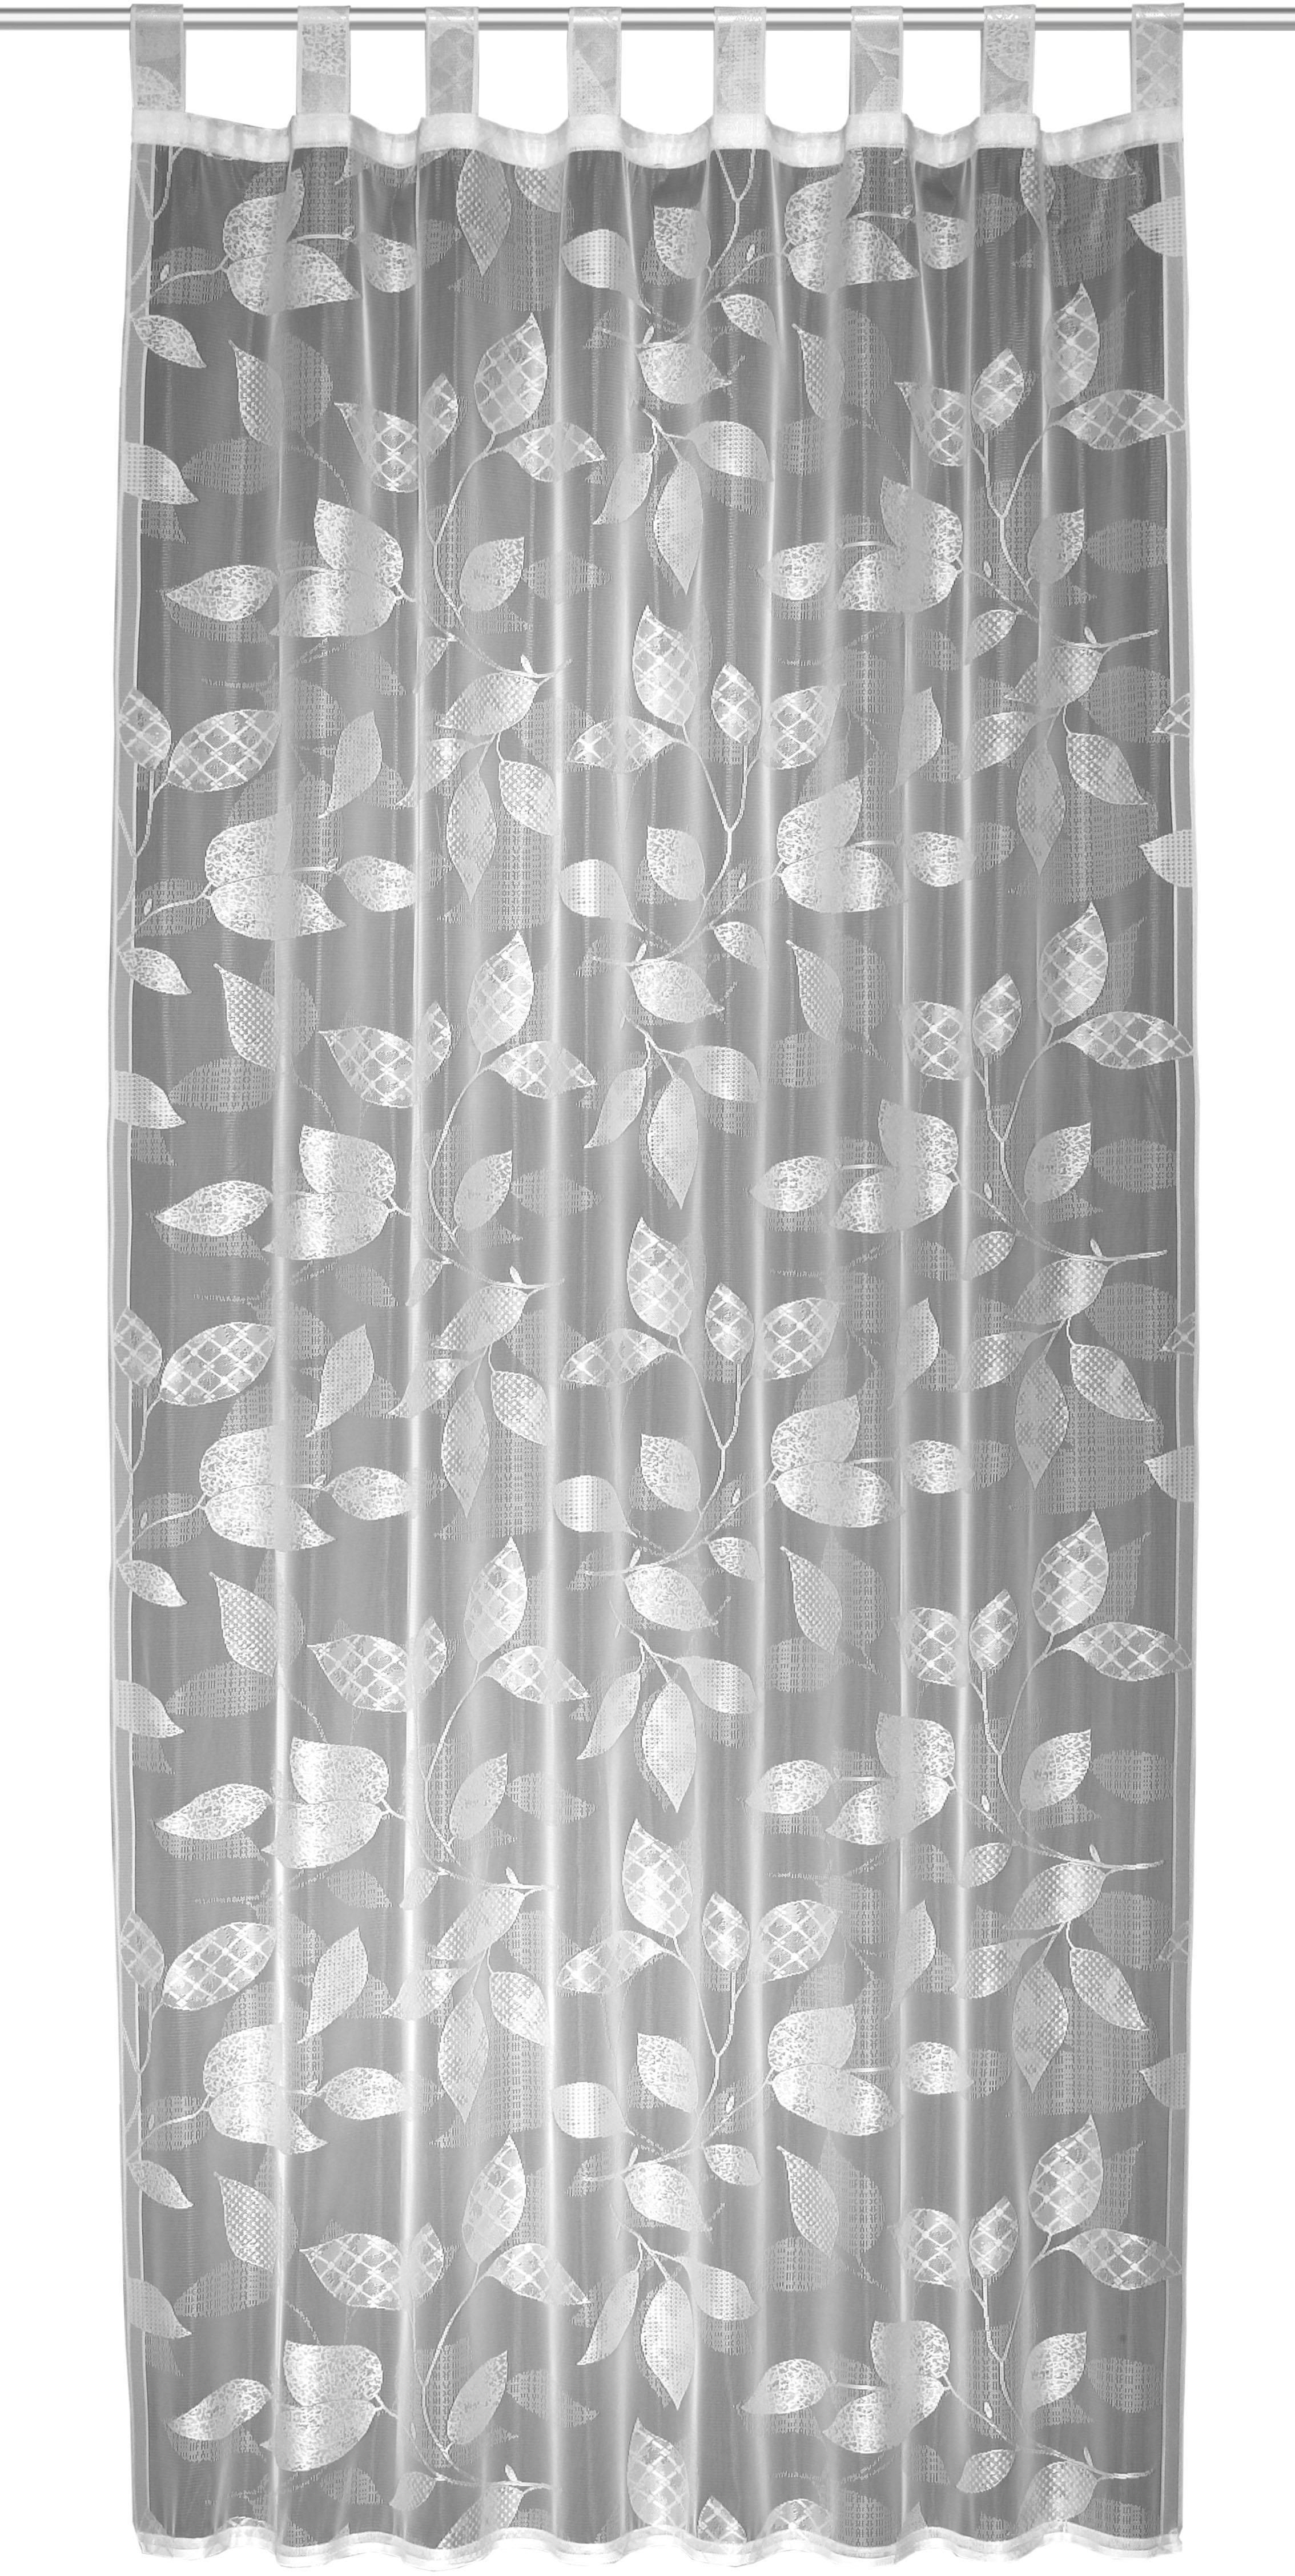 WILLKOMMEN ZUHAUSE by ALBANI GROUP gordijn Celle HxB: 245x140, lussjaal met rimpelband (1 stuk) online kopen op otto.nl